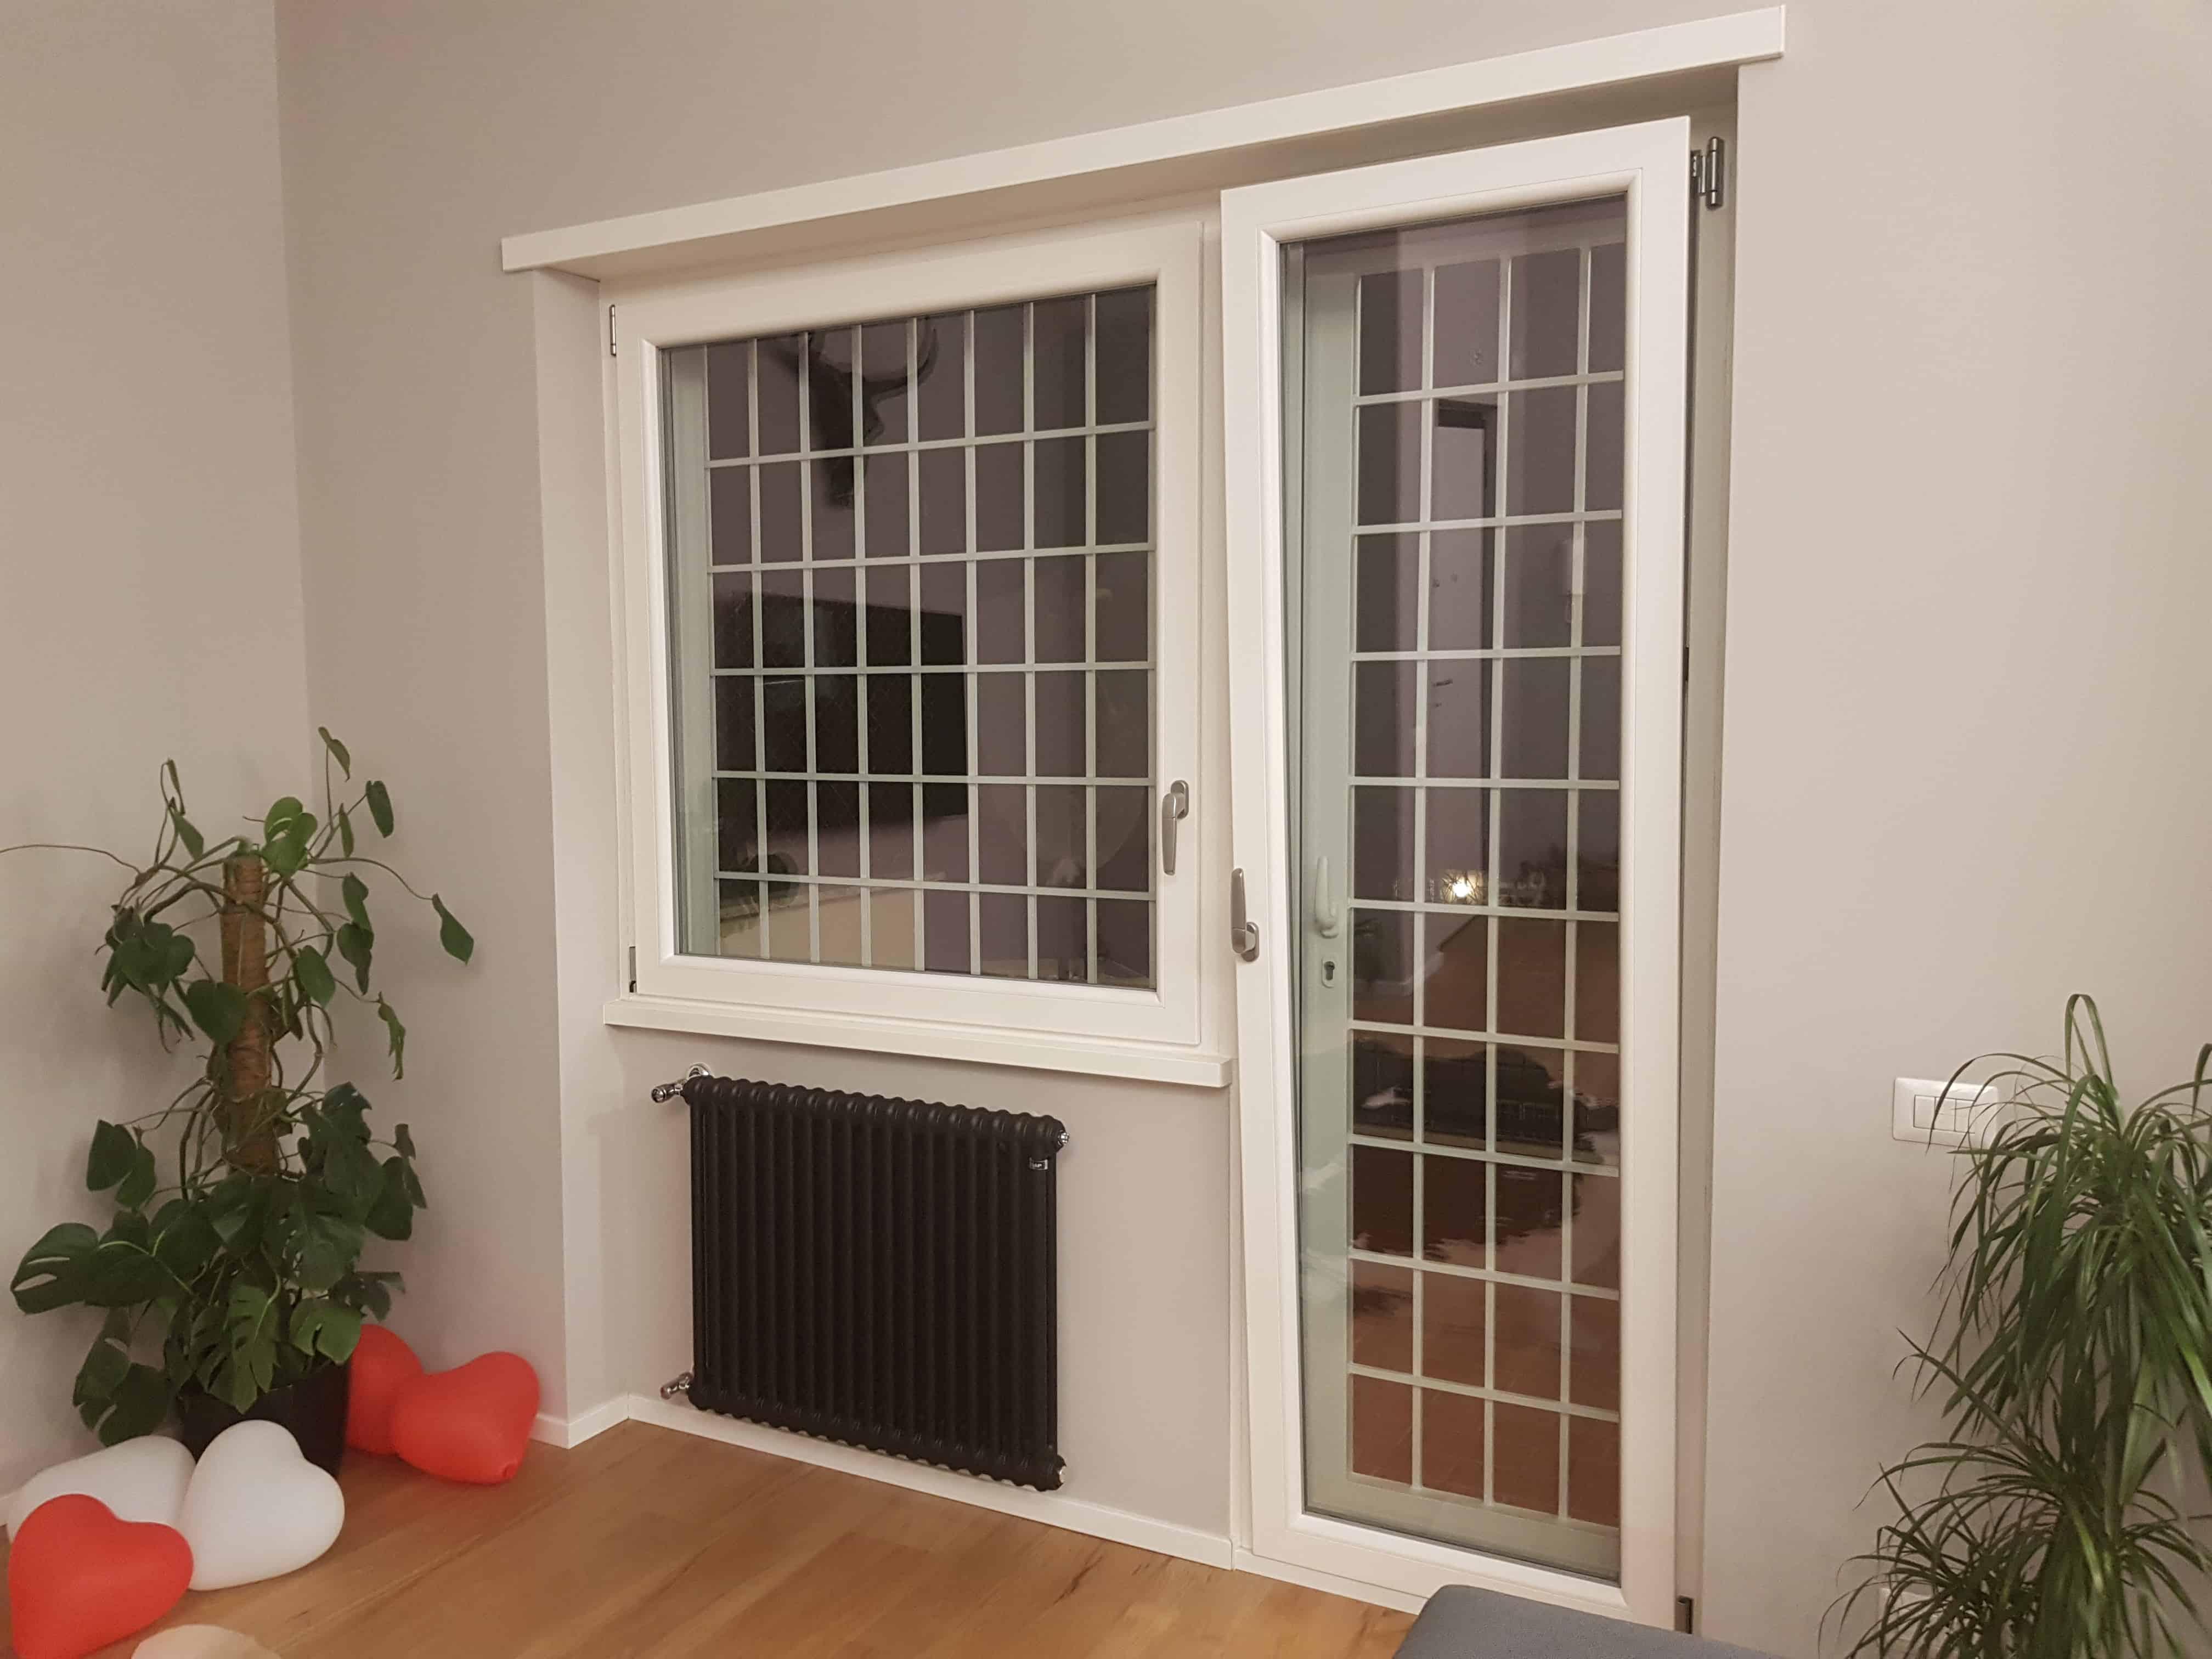 Fotografia di finestra in PVC Schuco Corona CT70 pellicolato bianco, venato, con maniglia cromo satinato.